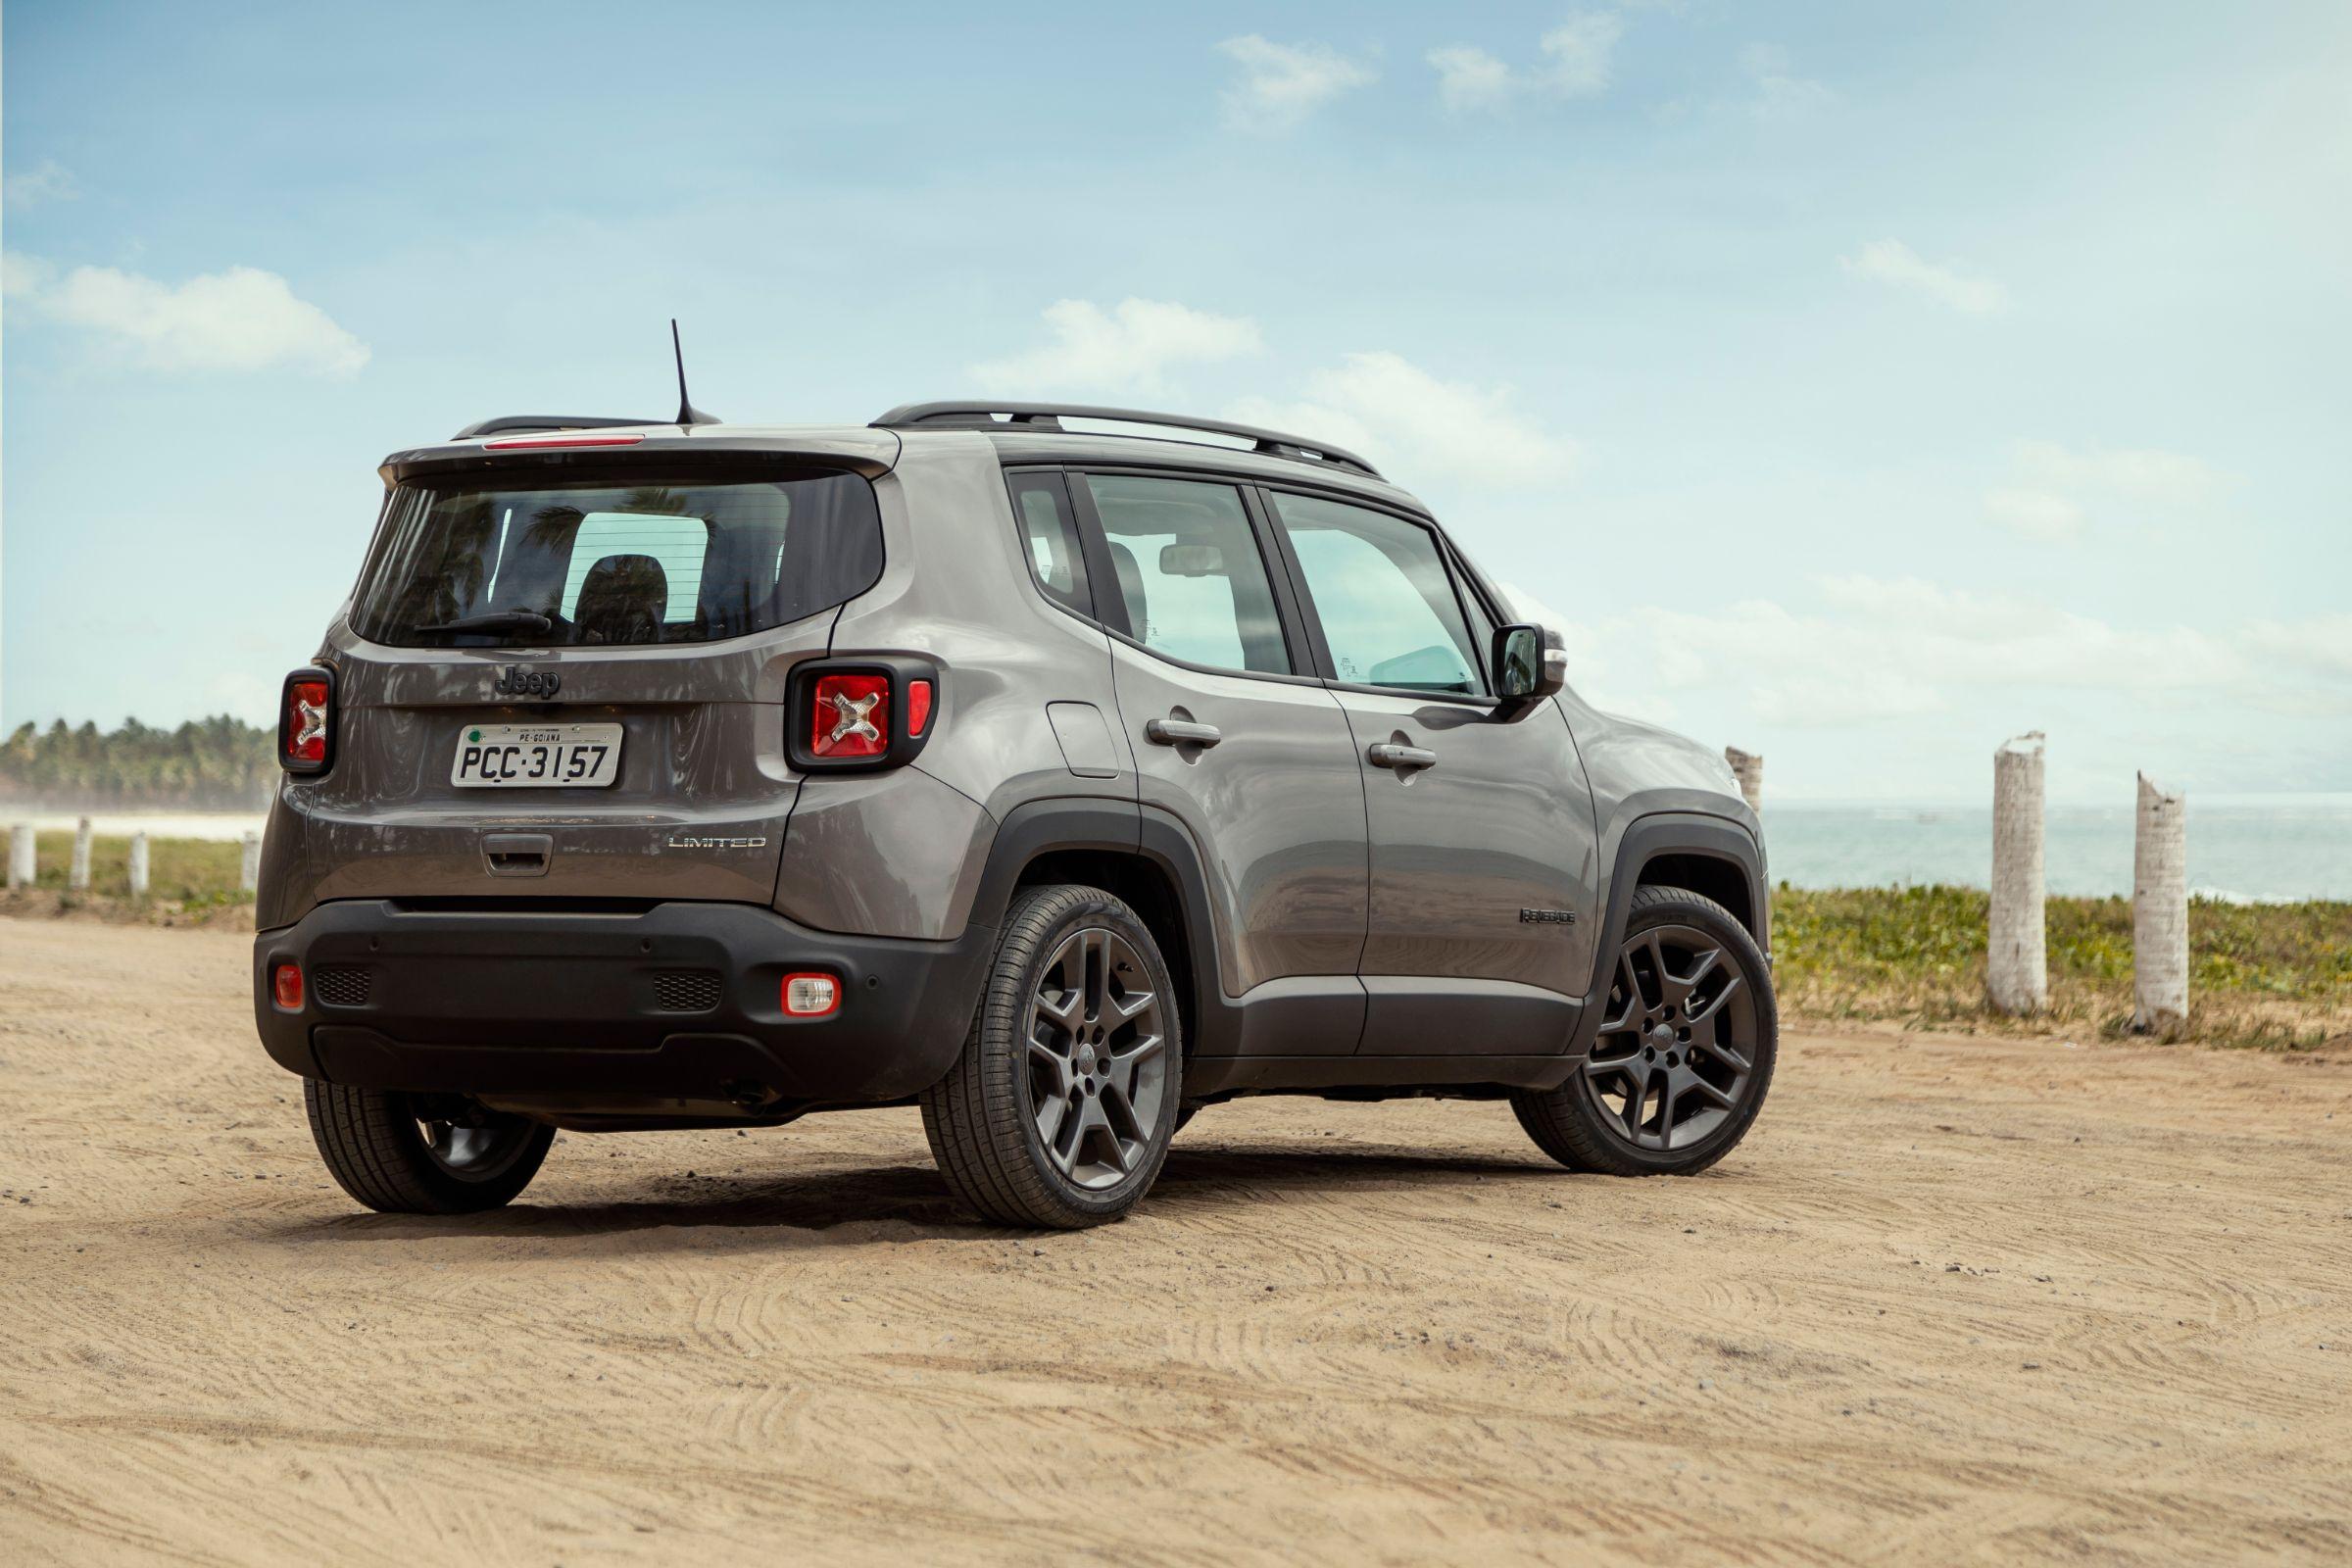 Jeep Renegade 2019: abertura do porta-malas mudou de lug